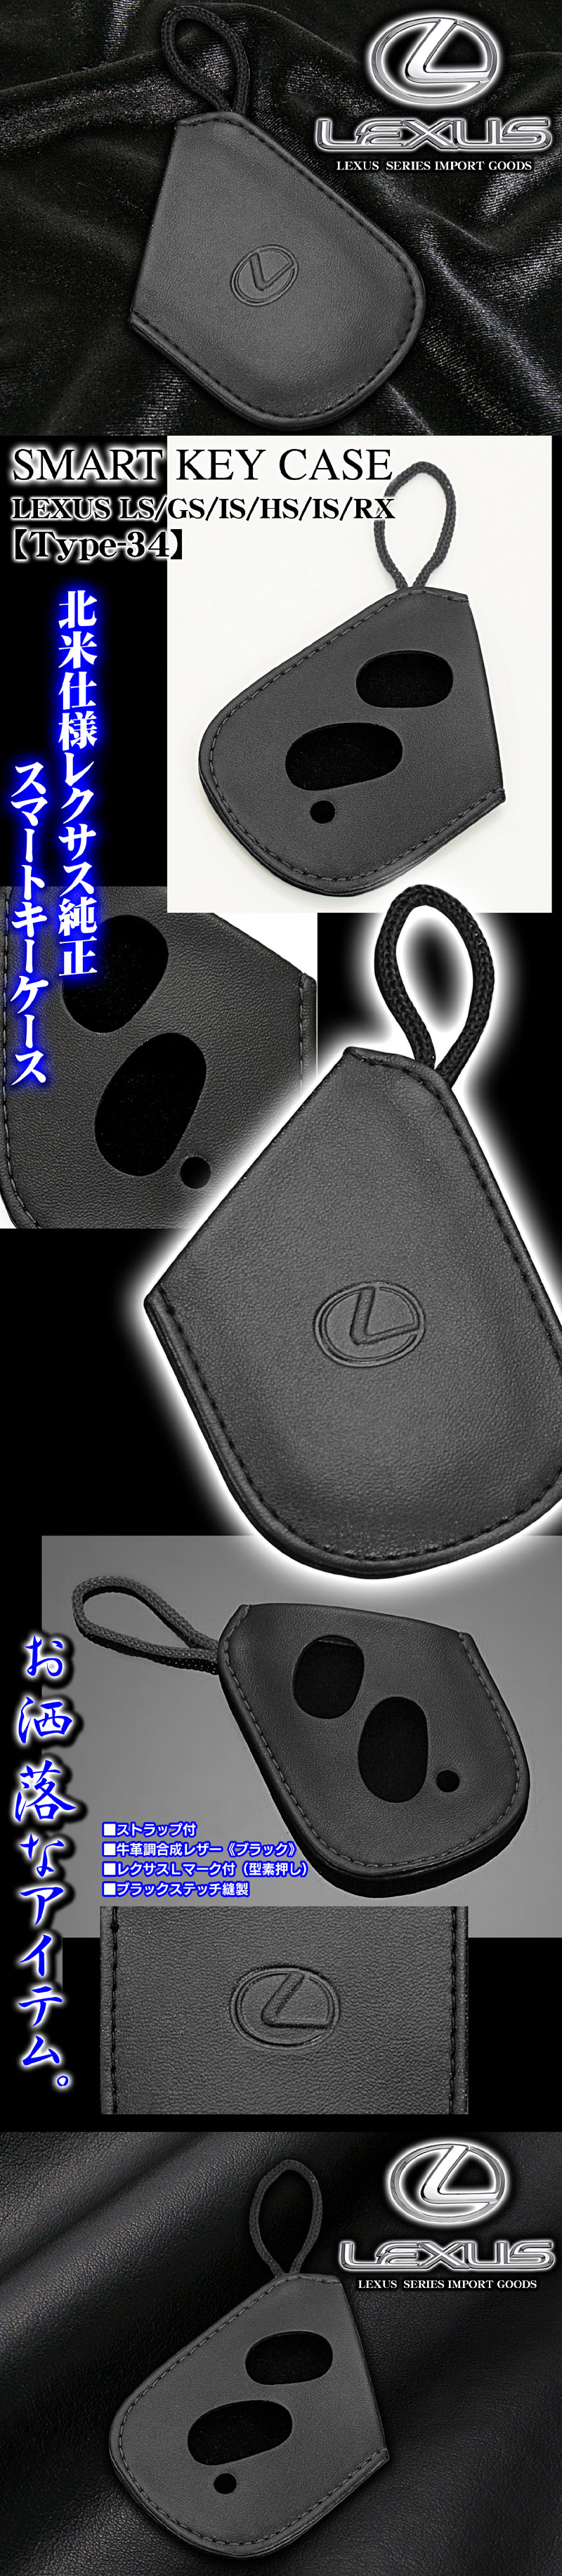 タイプ34【レクサス/スマートキー】キーケース/ストラッフプ付[ブラック/牛革調合成レザー]